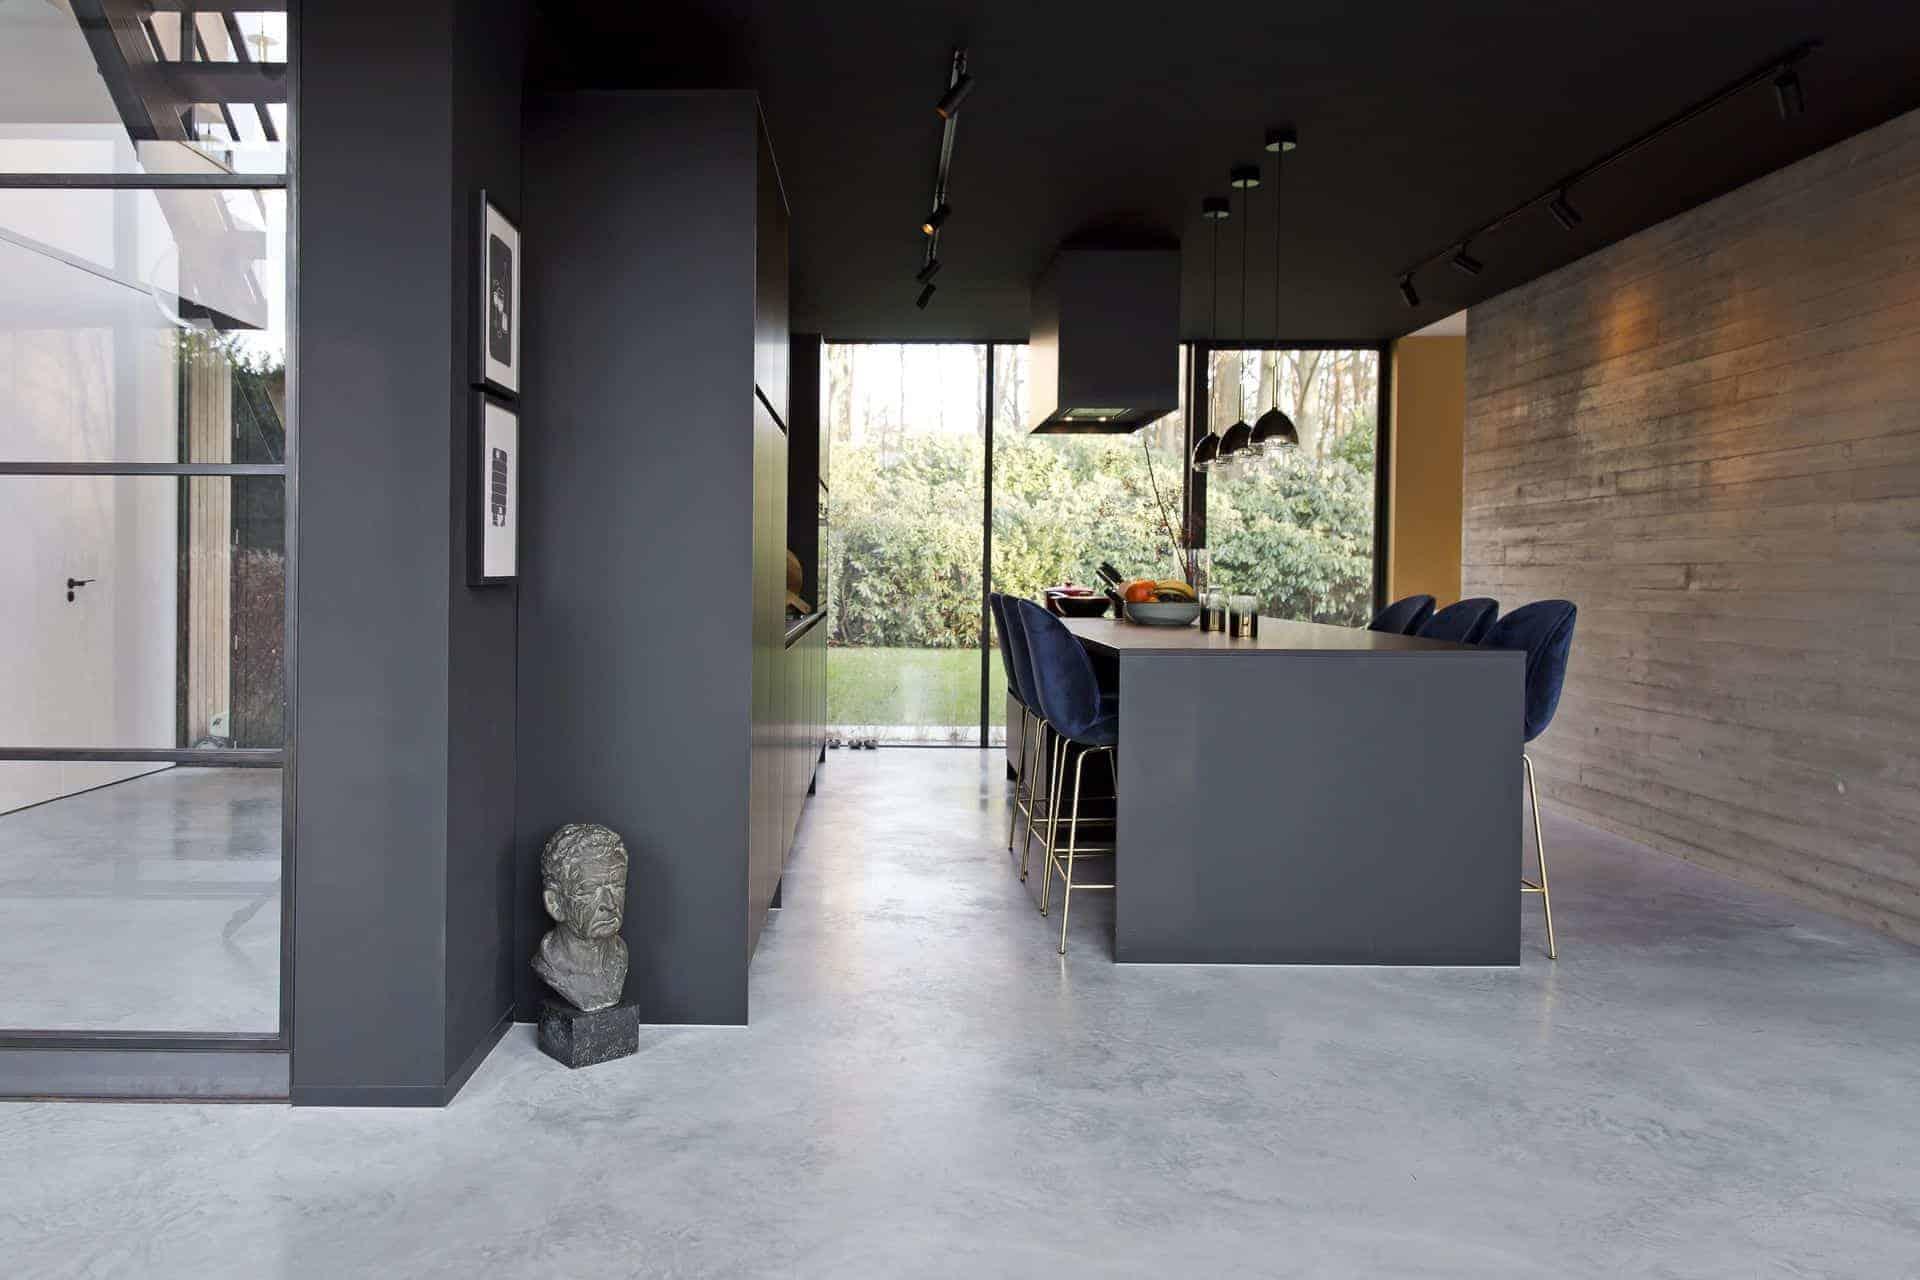 soorten betonvloeren, gevlinderde betonvloer keuken